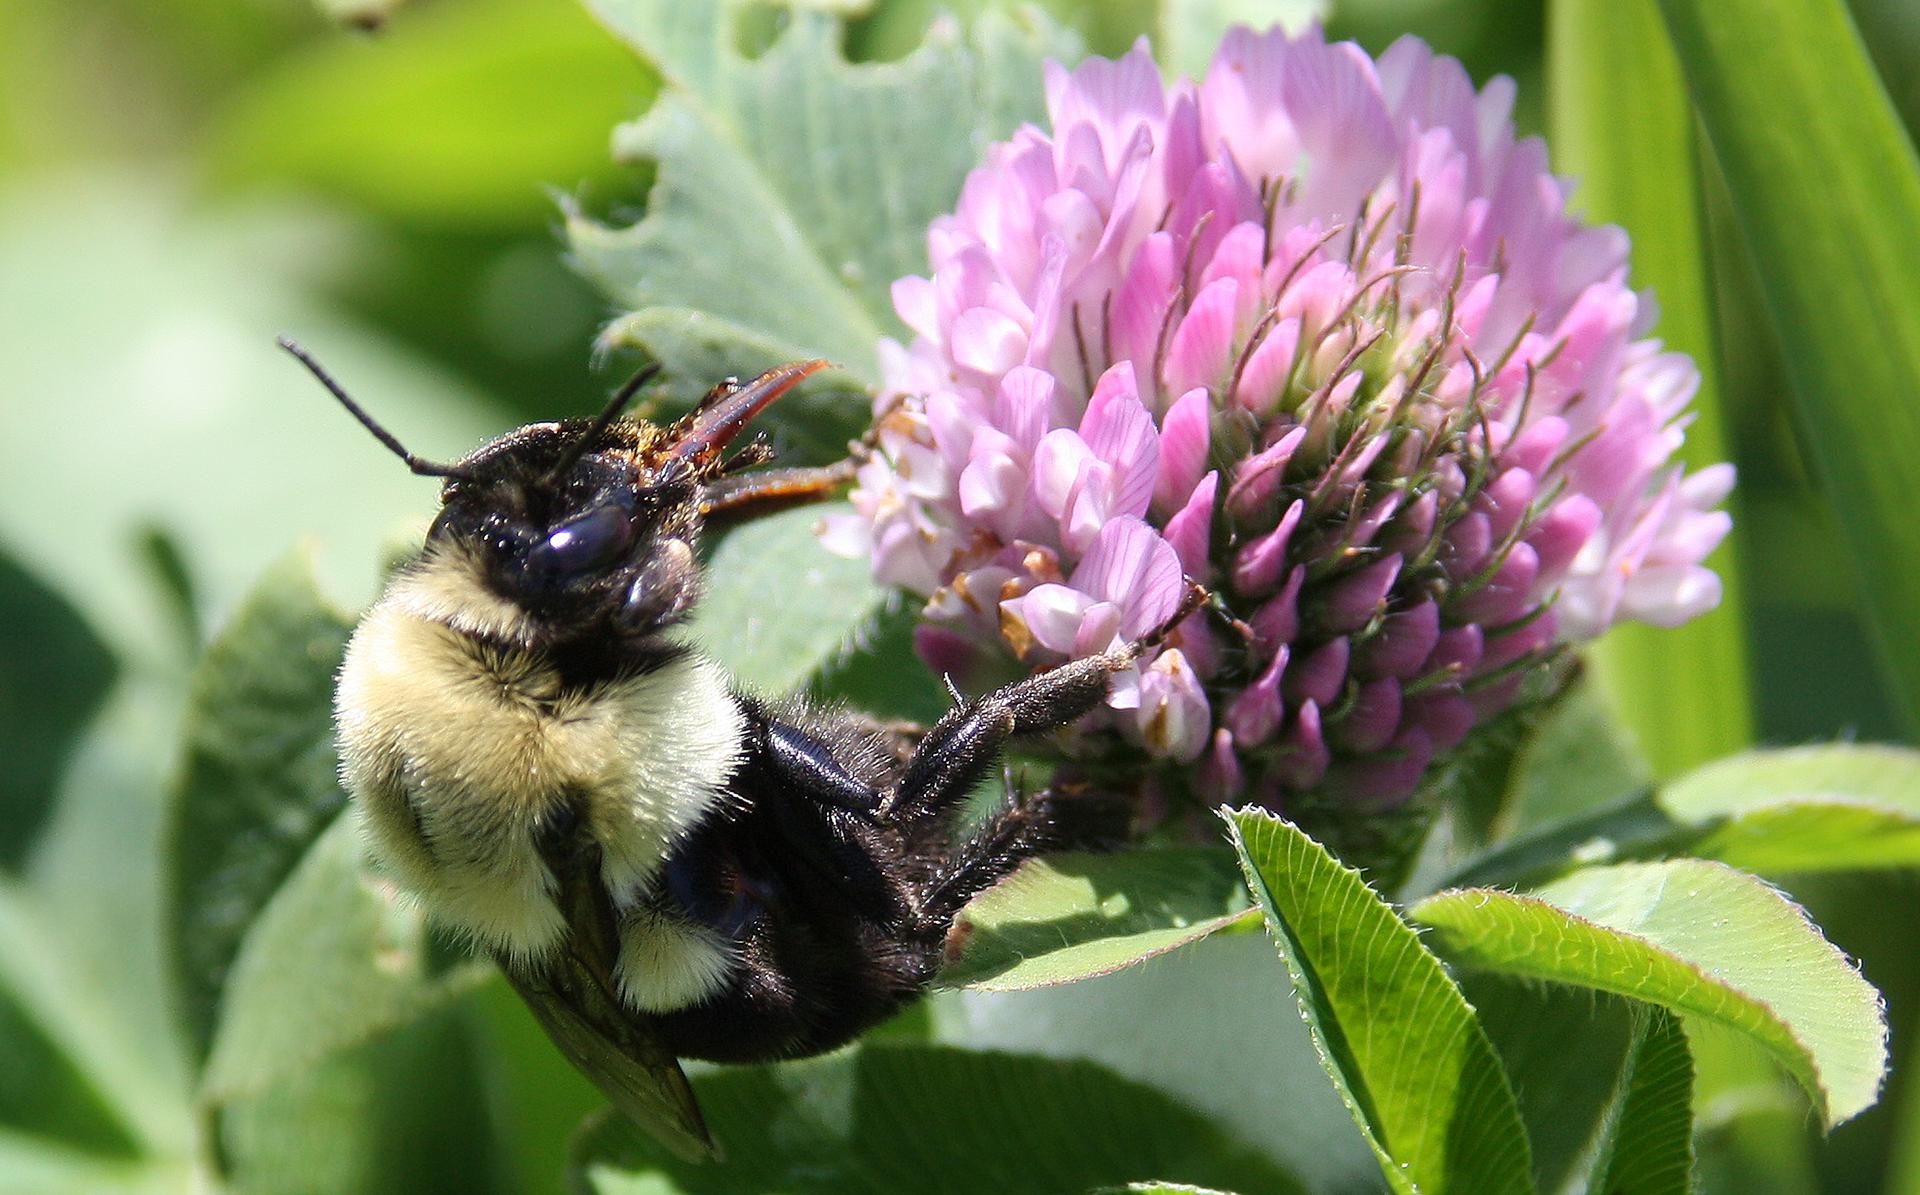 Fotografia koniczyny łąkowej (kwiatostanu) zsiedzącym na nim trzmielem. Widać aparat gębowy trzmiela.